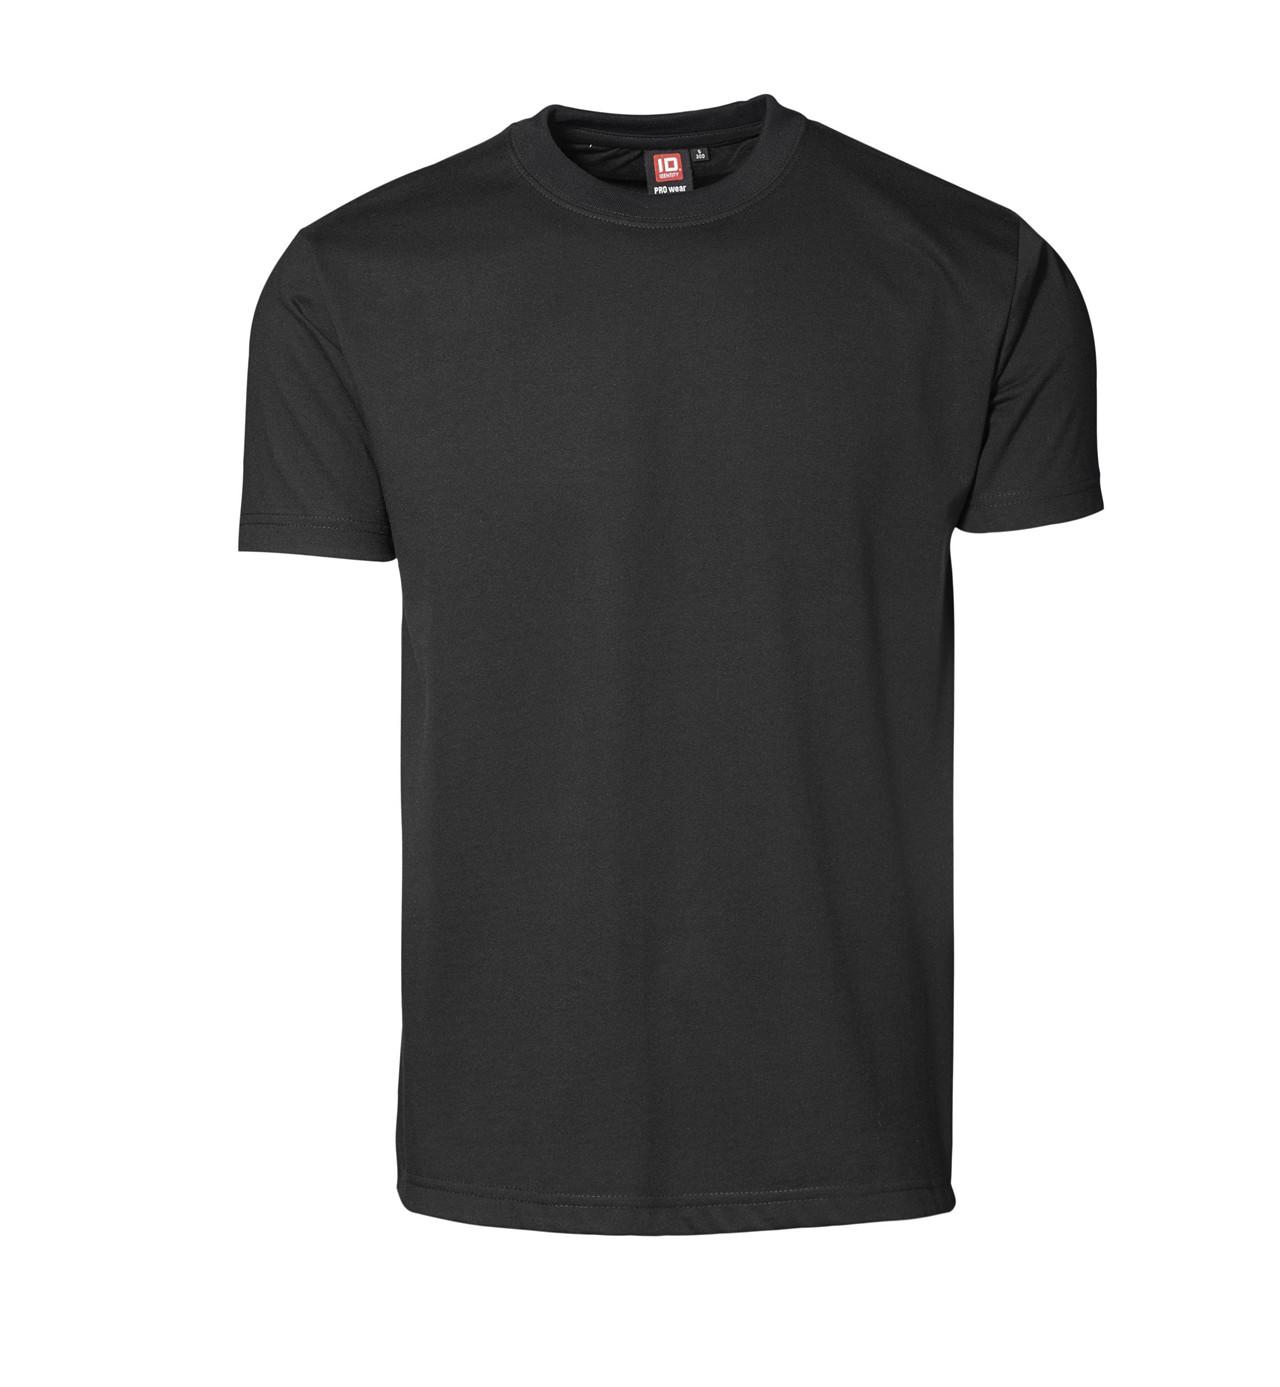 Image of   ID PRO Wear T-shirt til Herre (Sort, 2XL)